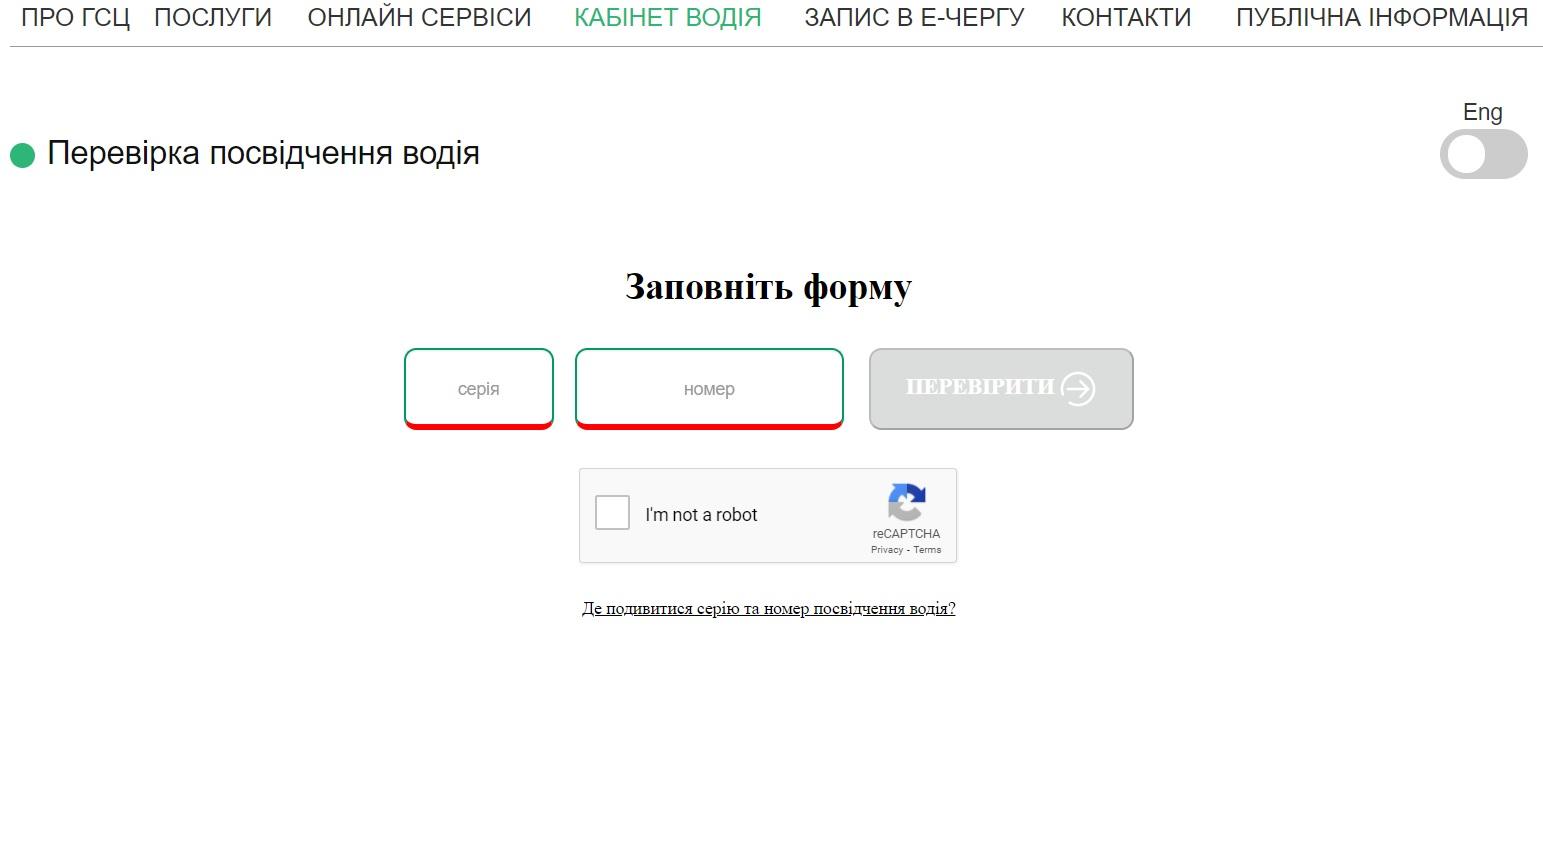 Форма для проверки водительского удостоверения на сайте МВД